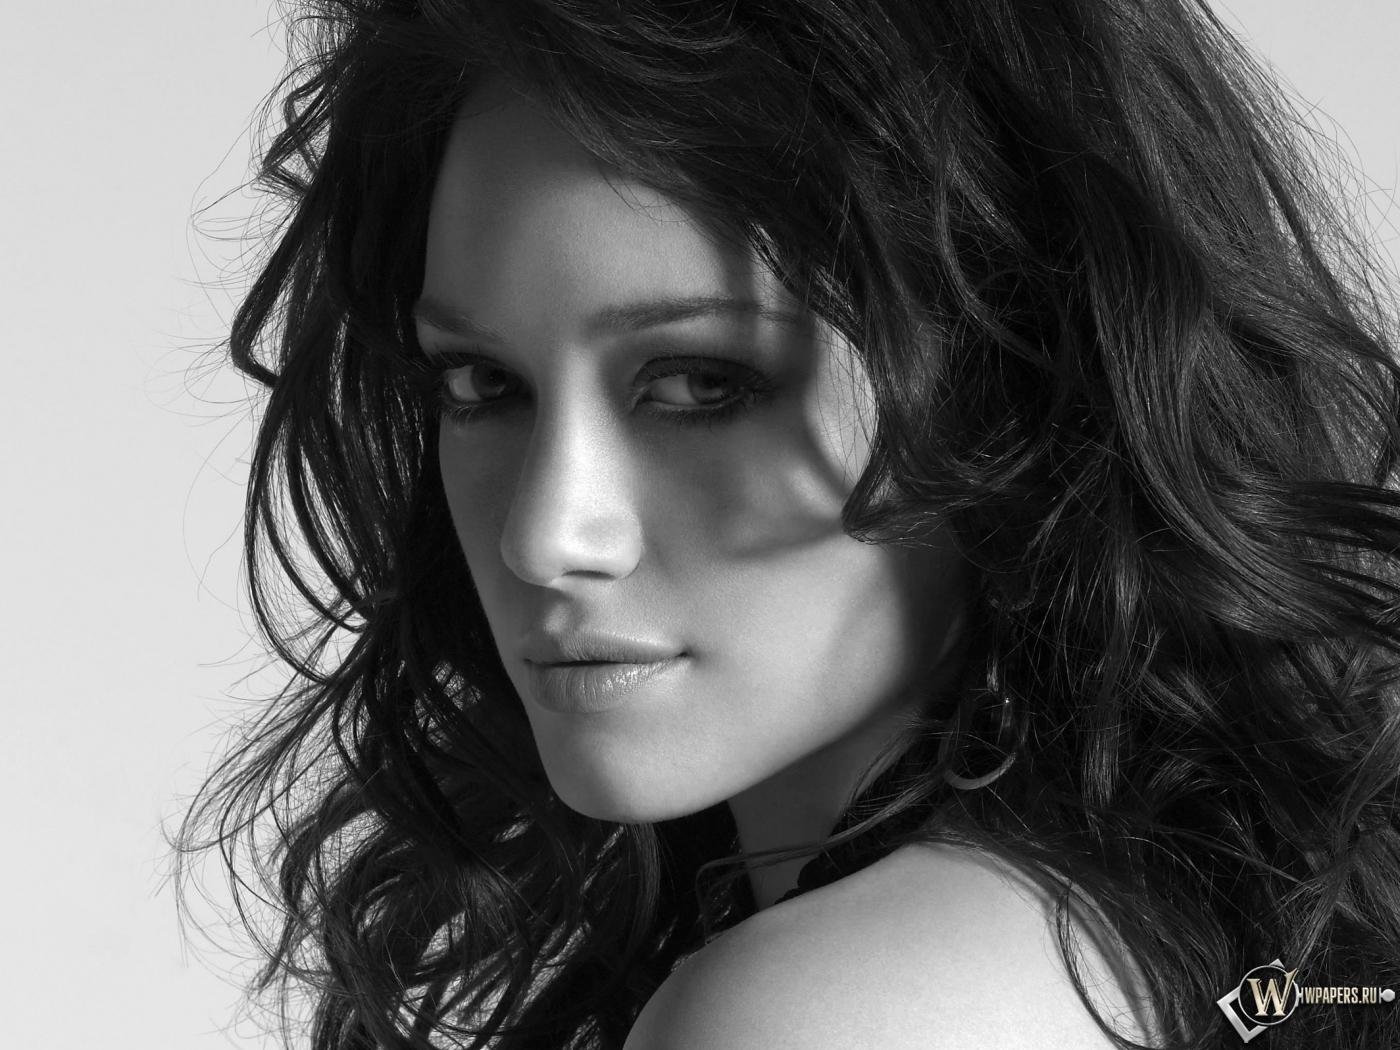 Hilary Duff 1400x1050